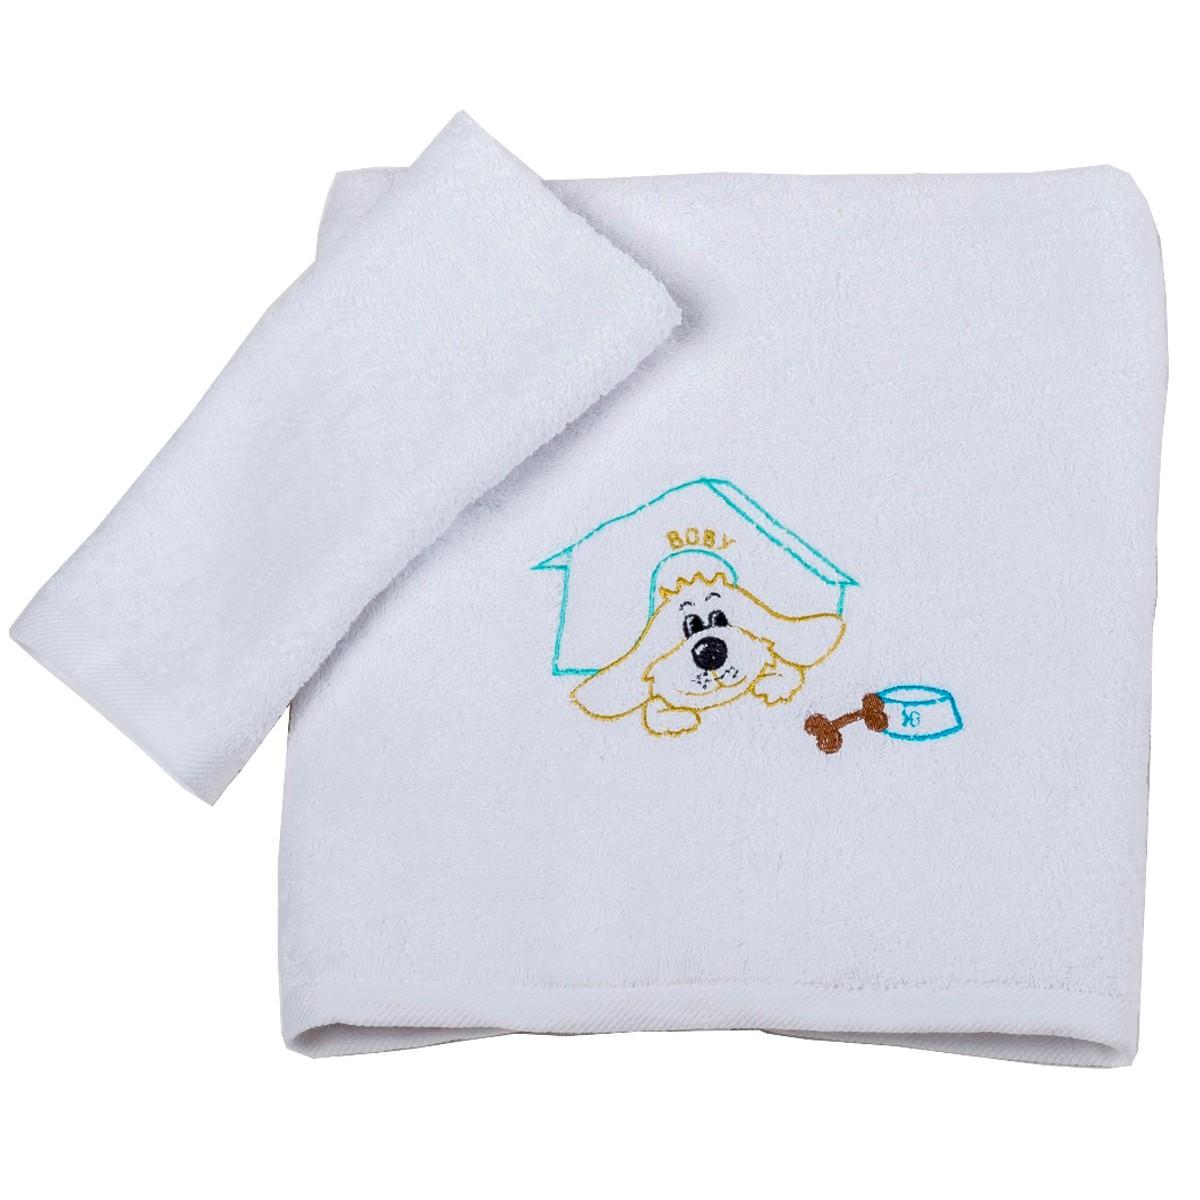 Βρεφικές Πετσέτες (Σετ 2τμχ) Κόσμος Του Μωρού Boby 0502 Τυρκουάζ 74637